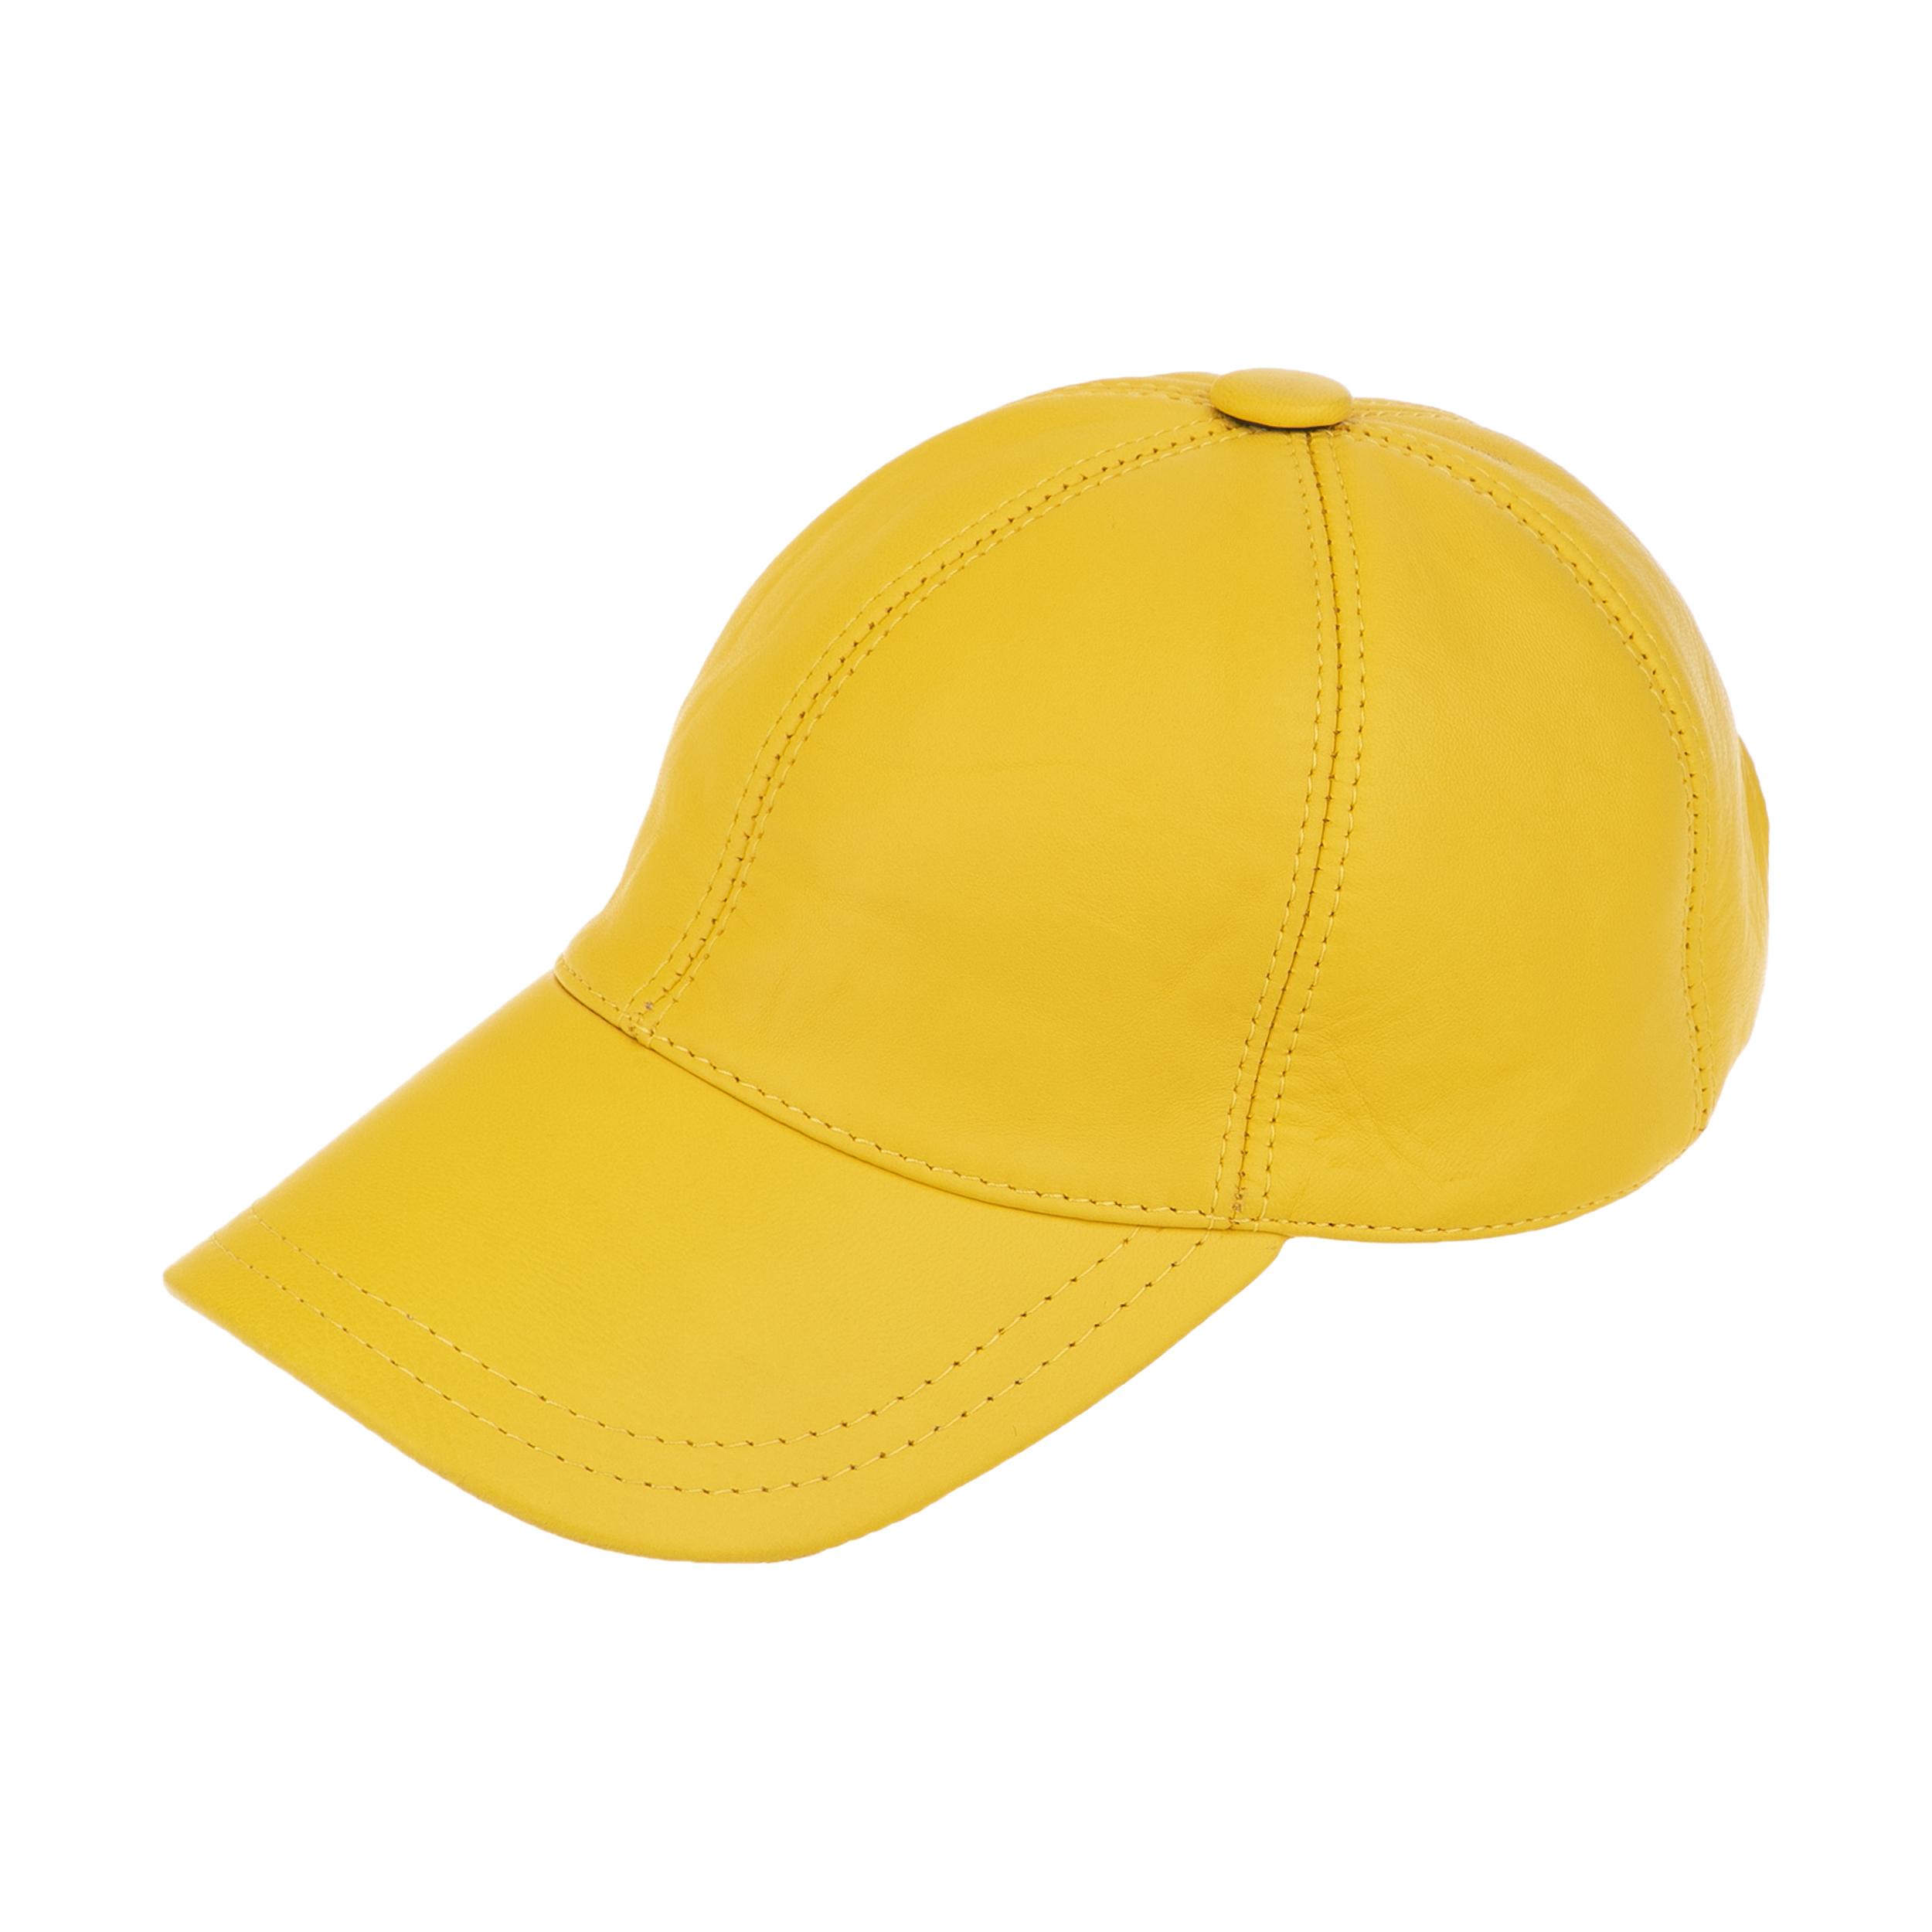 کلاه کپ مردانه شهر چرم مدل AT50019